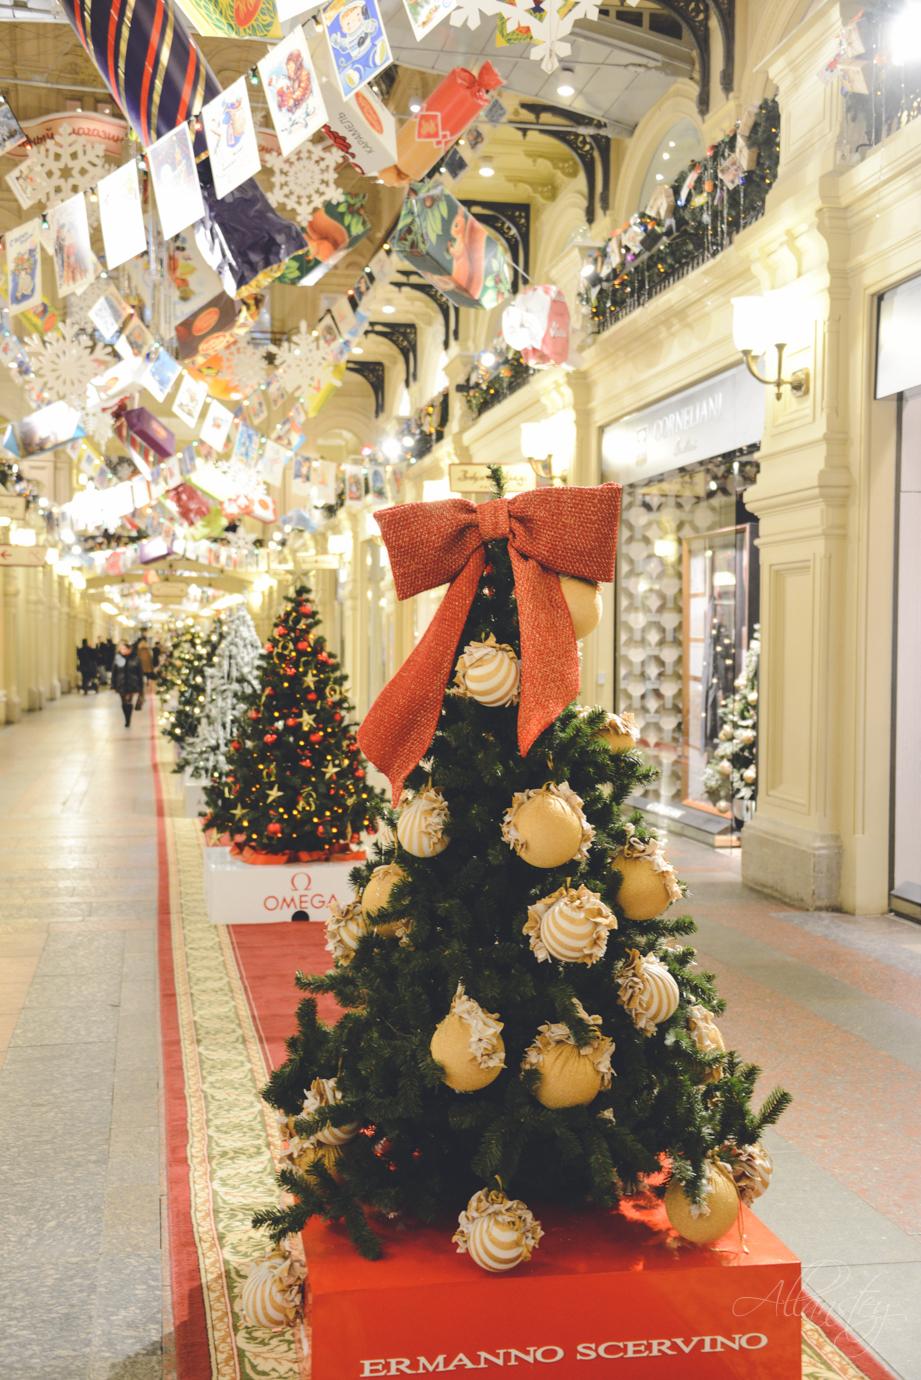 GUM Christmas trees